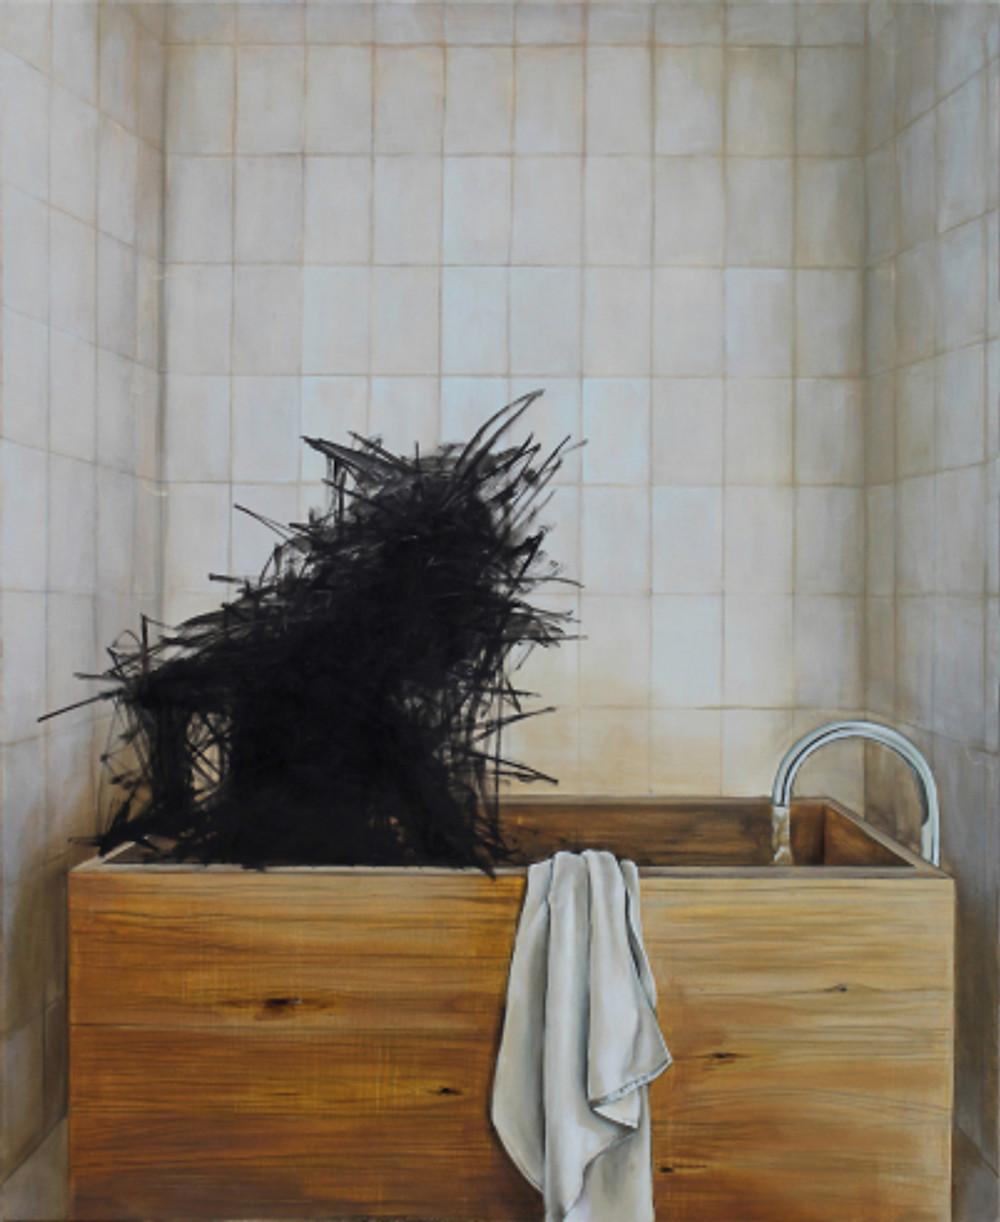 Άτιτλο, 150 x 130 cm, λάδι σε καμβά, 2018